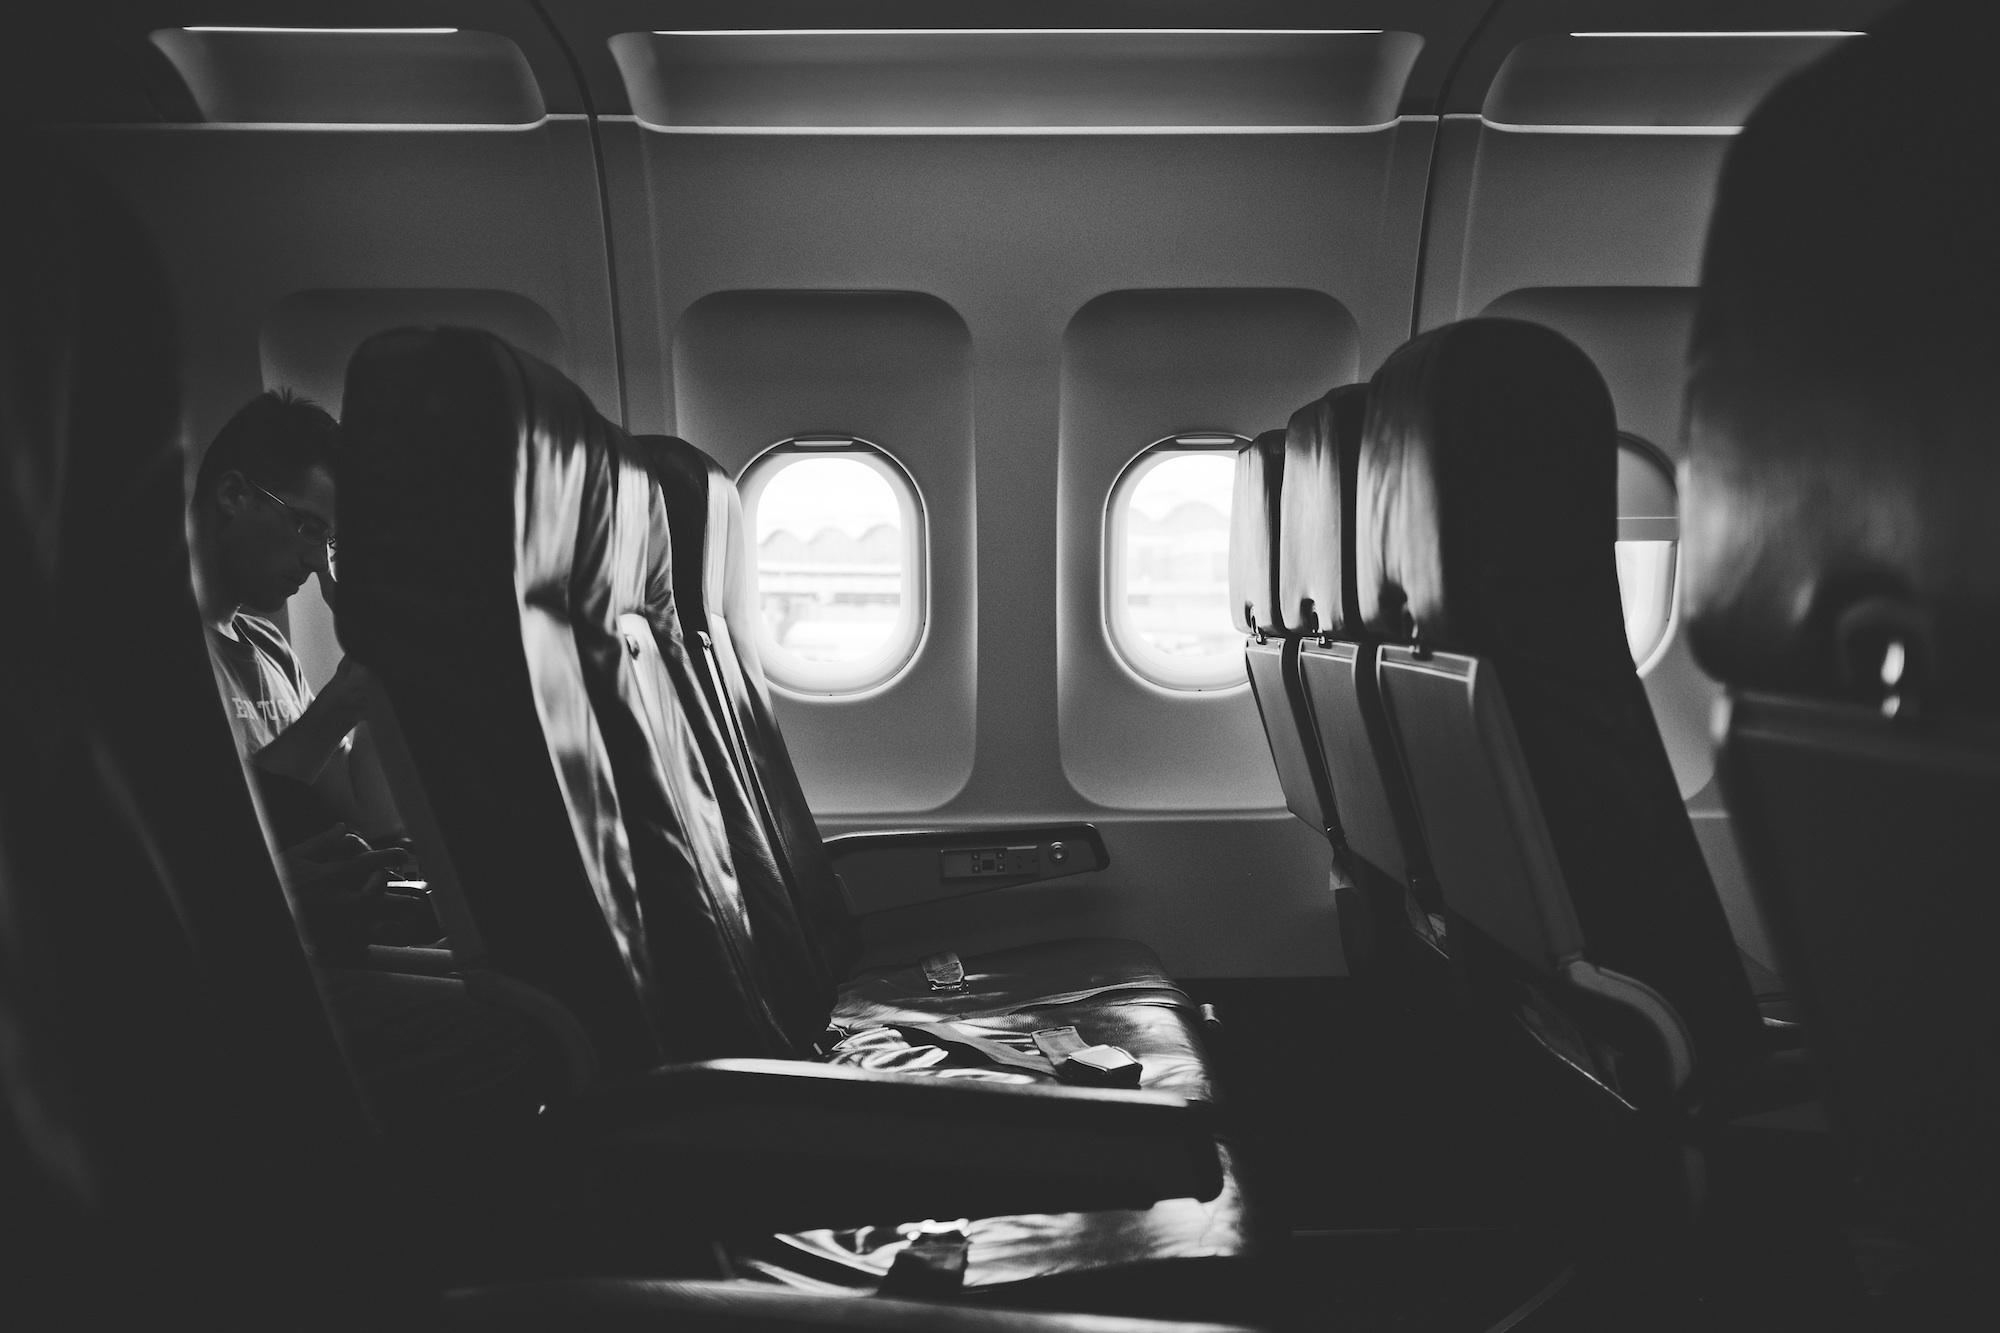 Vliegtuigstoelen en raampjes - Gratis stockfoto's van StockSnap